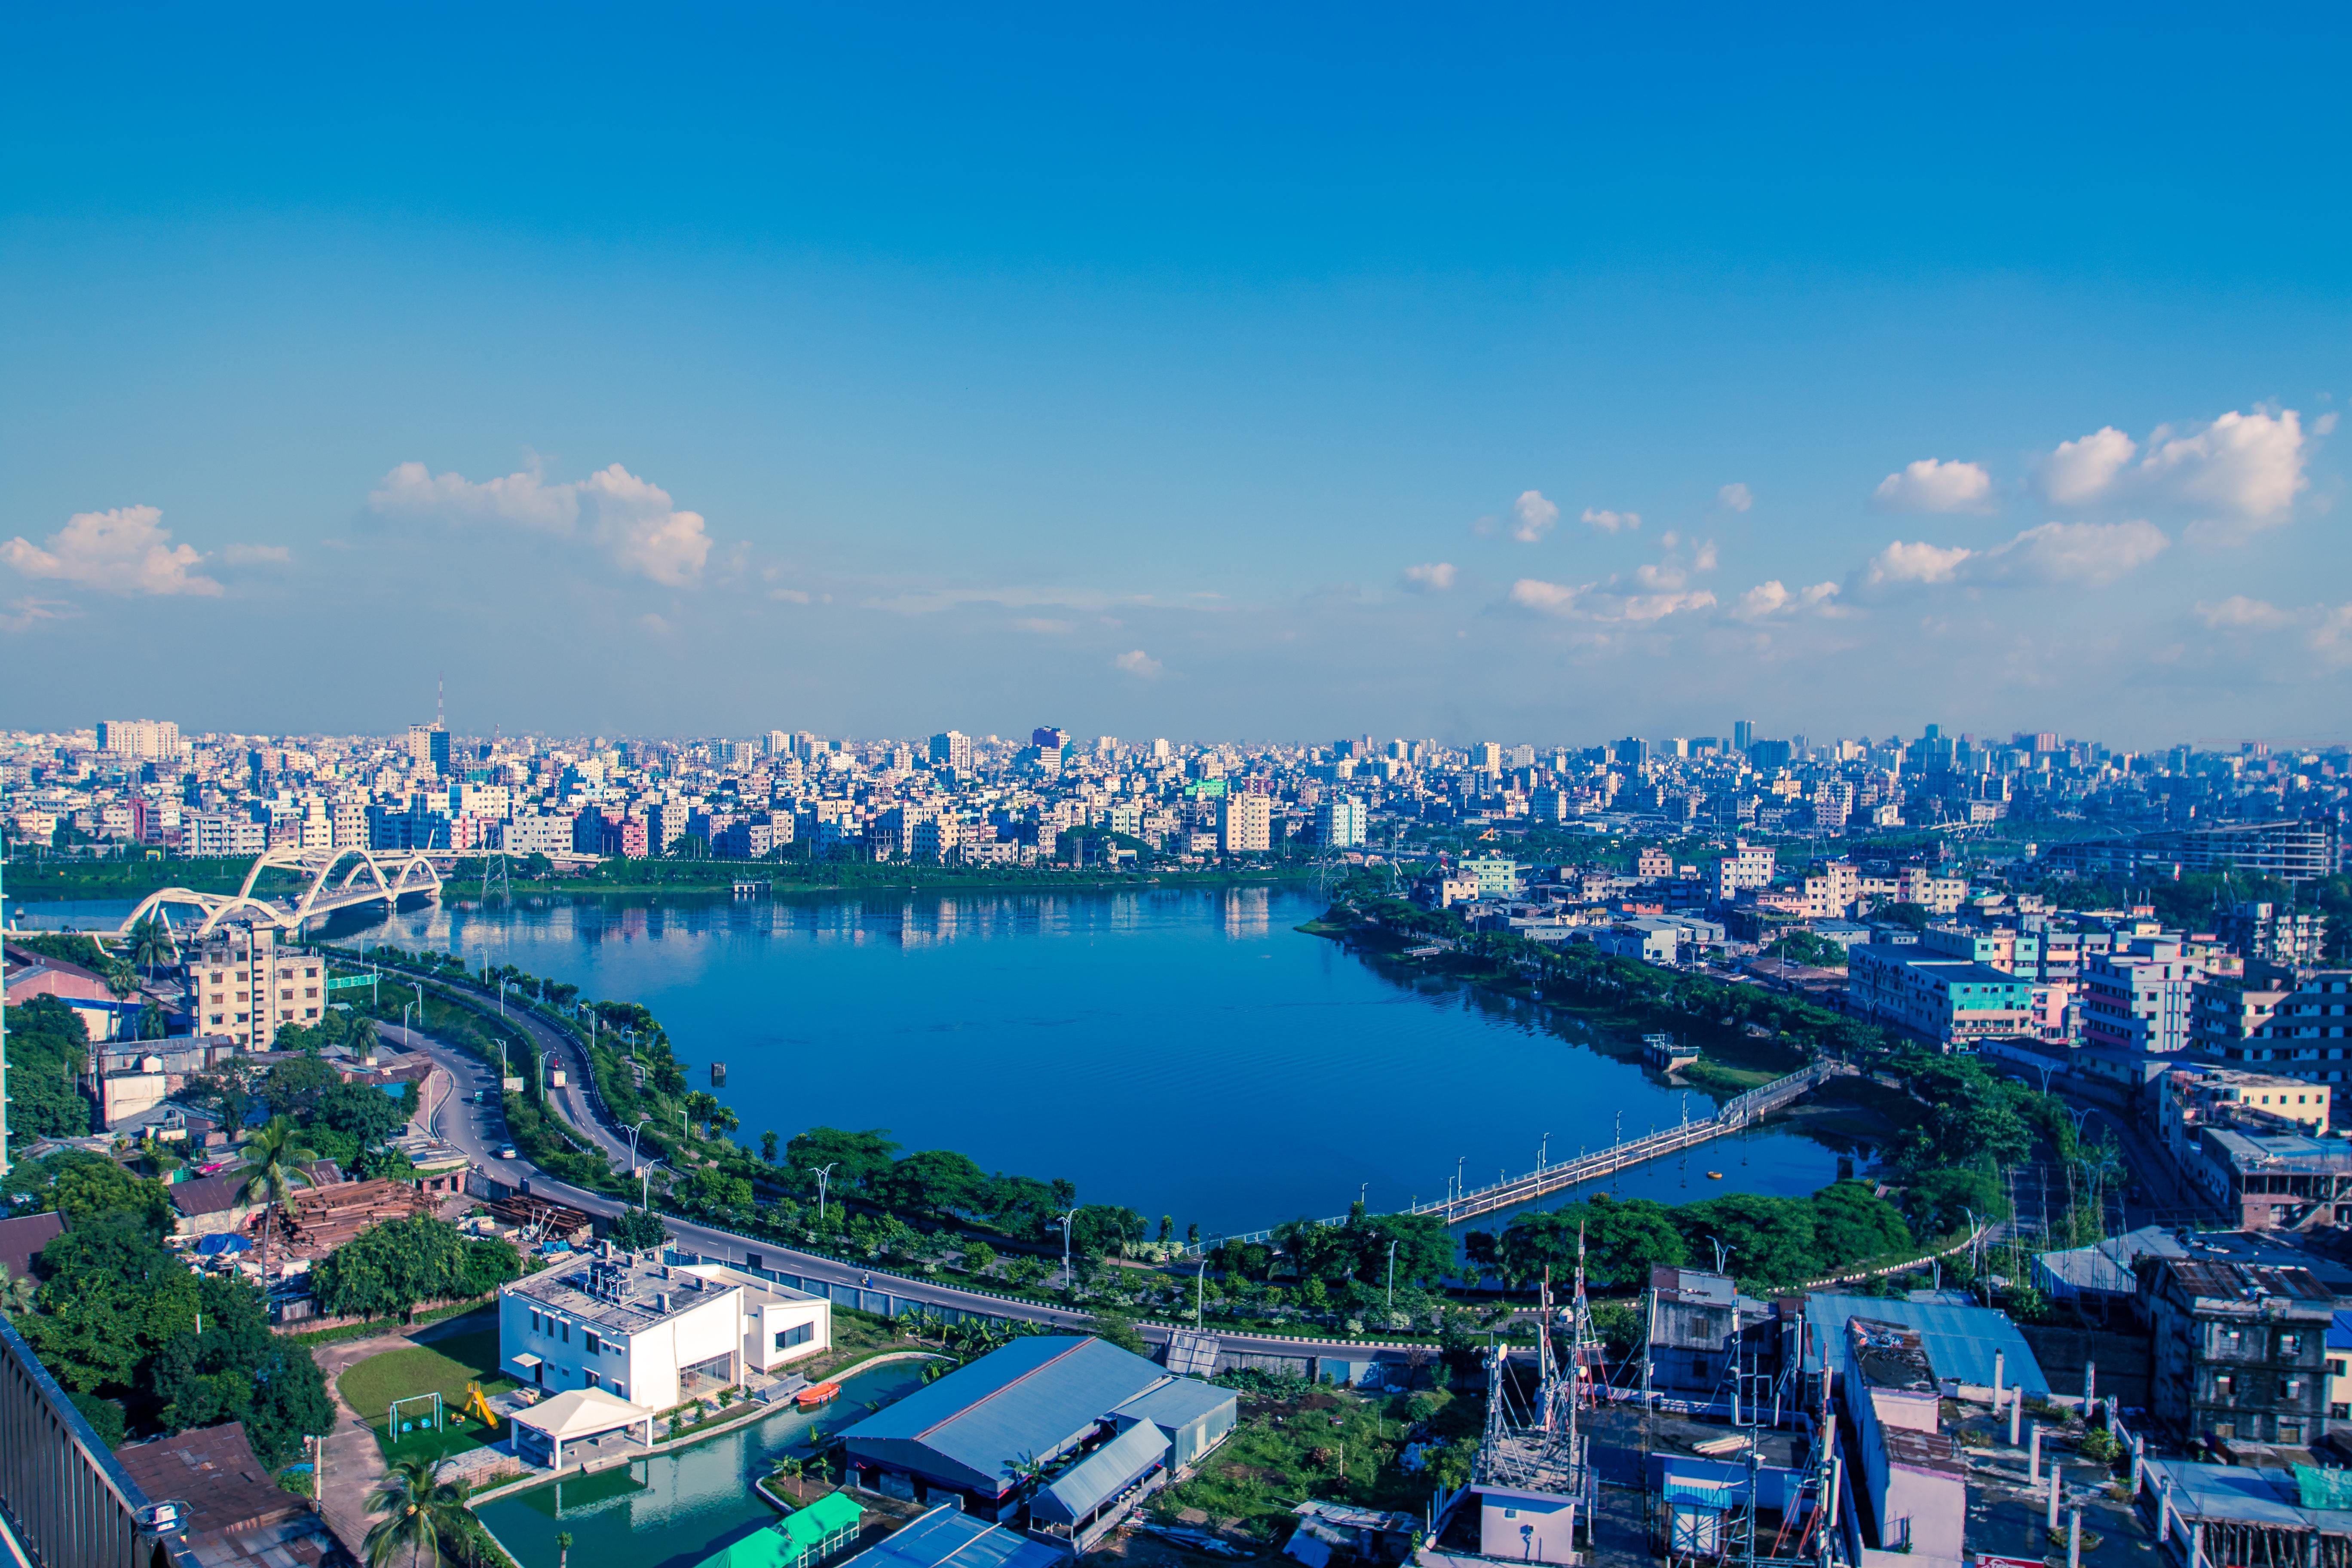 buildings of dhaka city, bangladesh